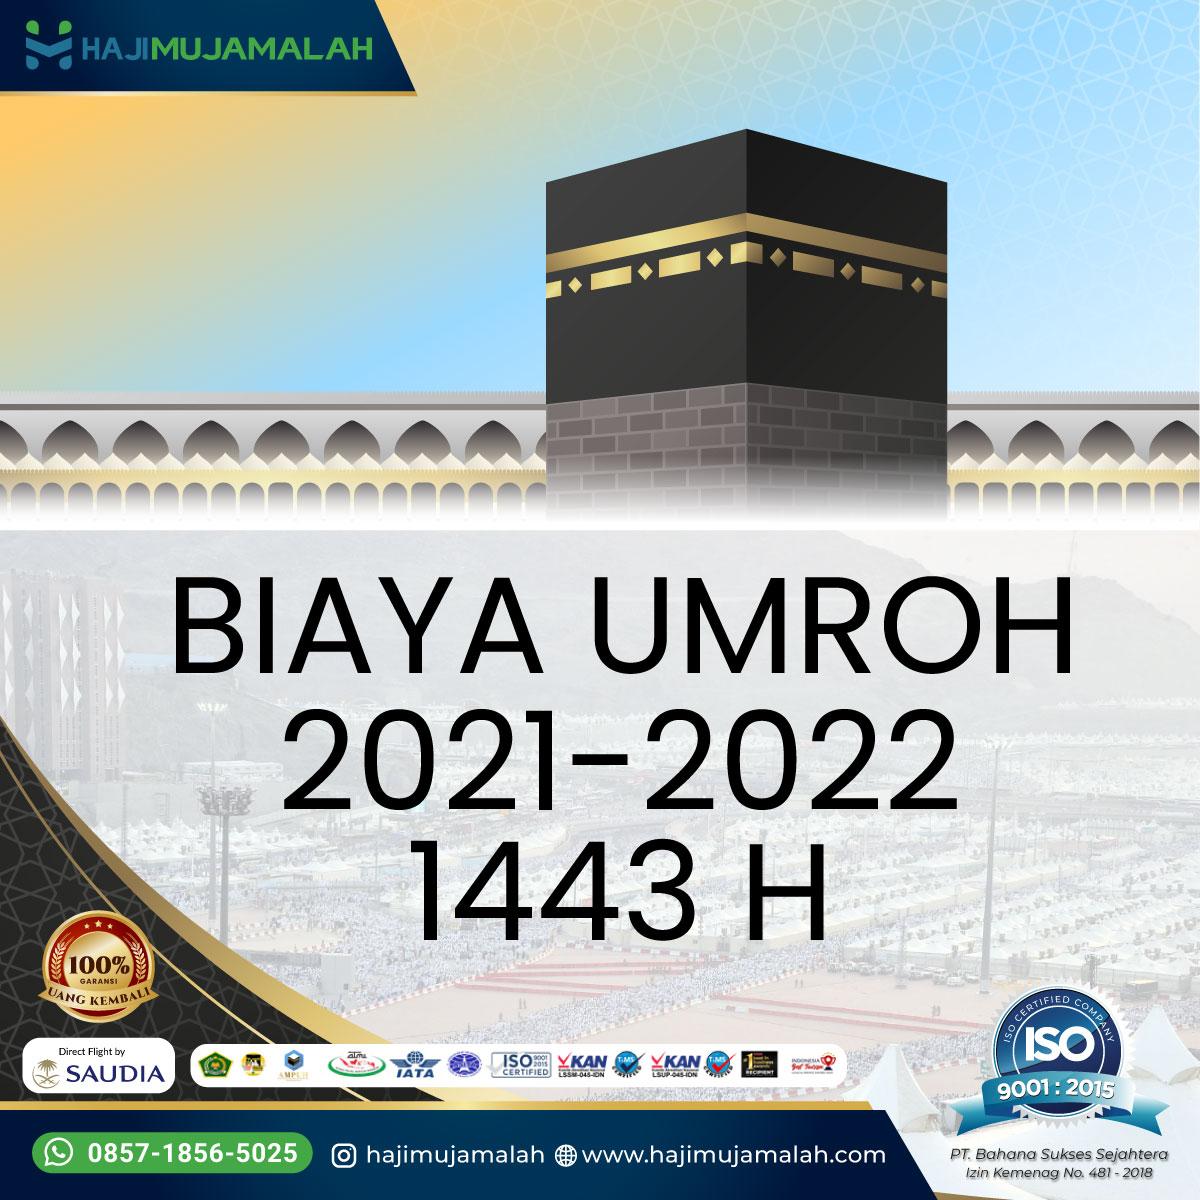 Biaya Paket Umroh 2021 2022 Promo Harga Murah